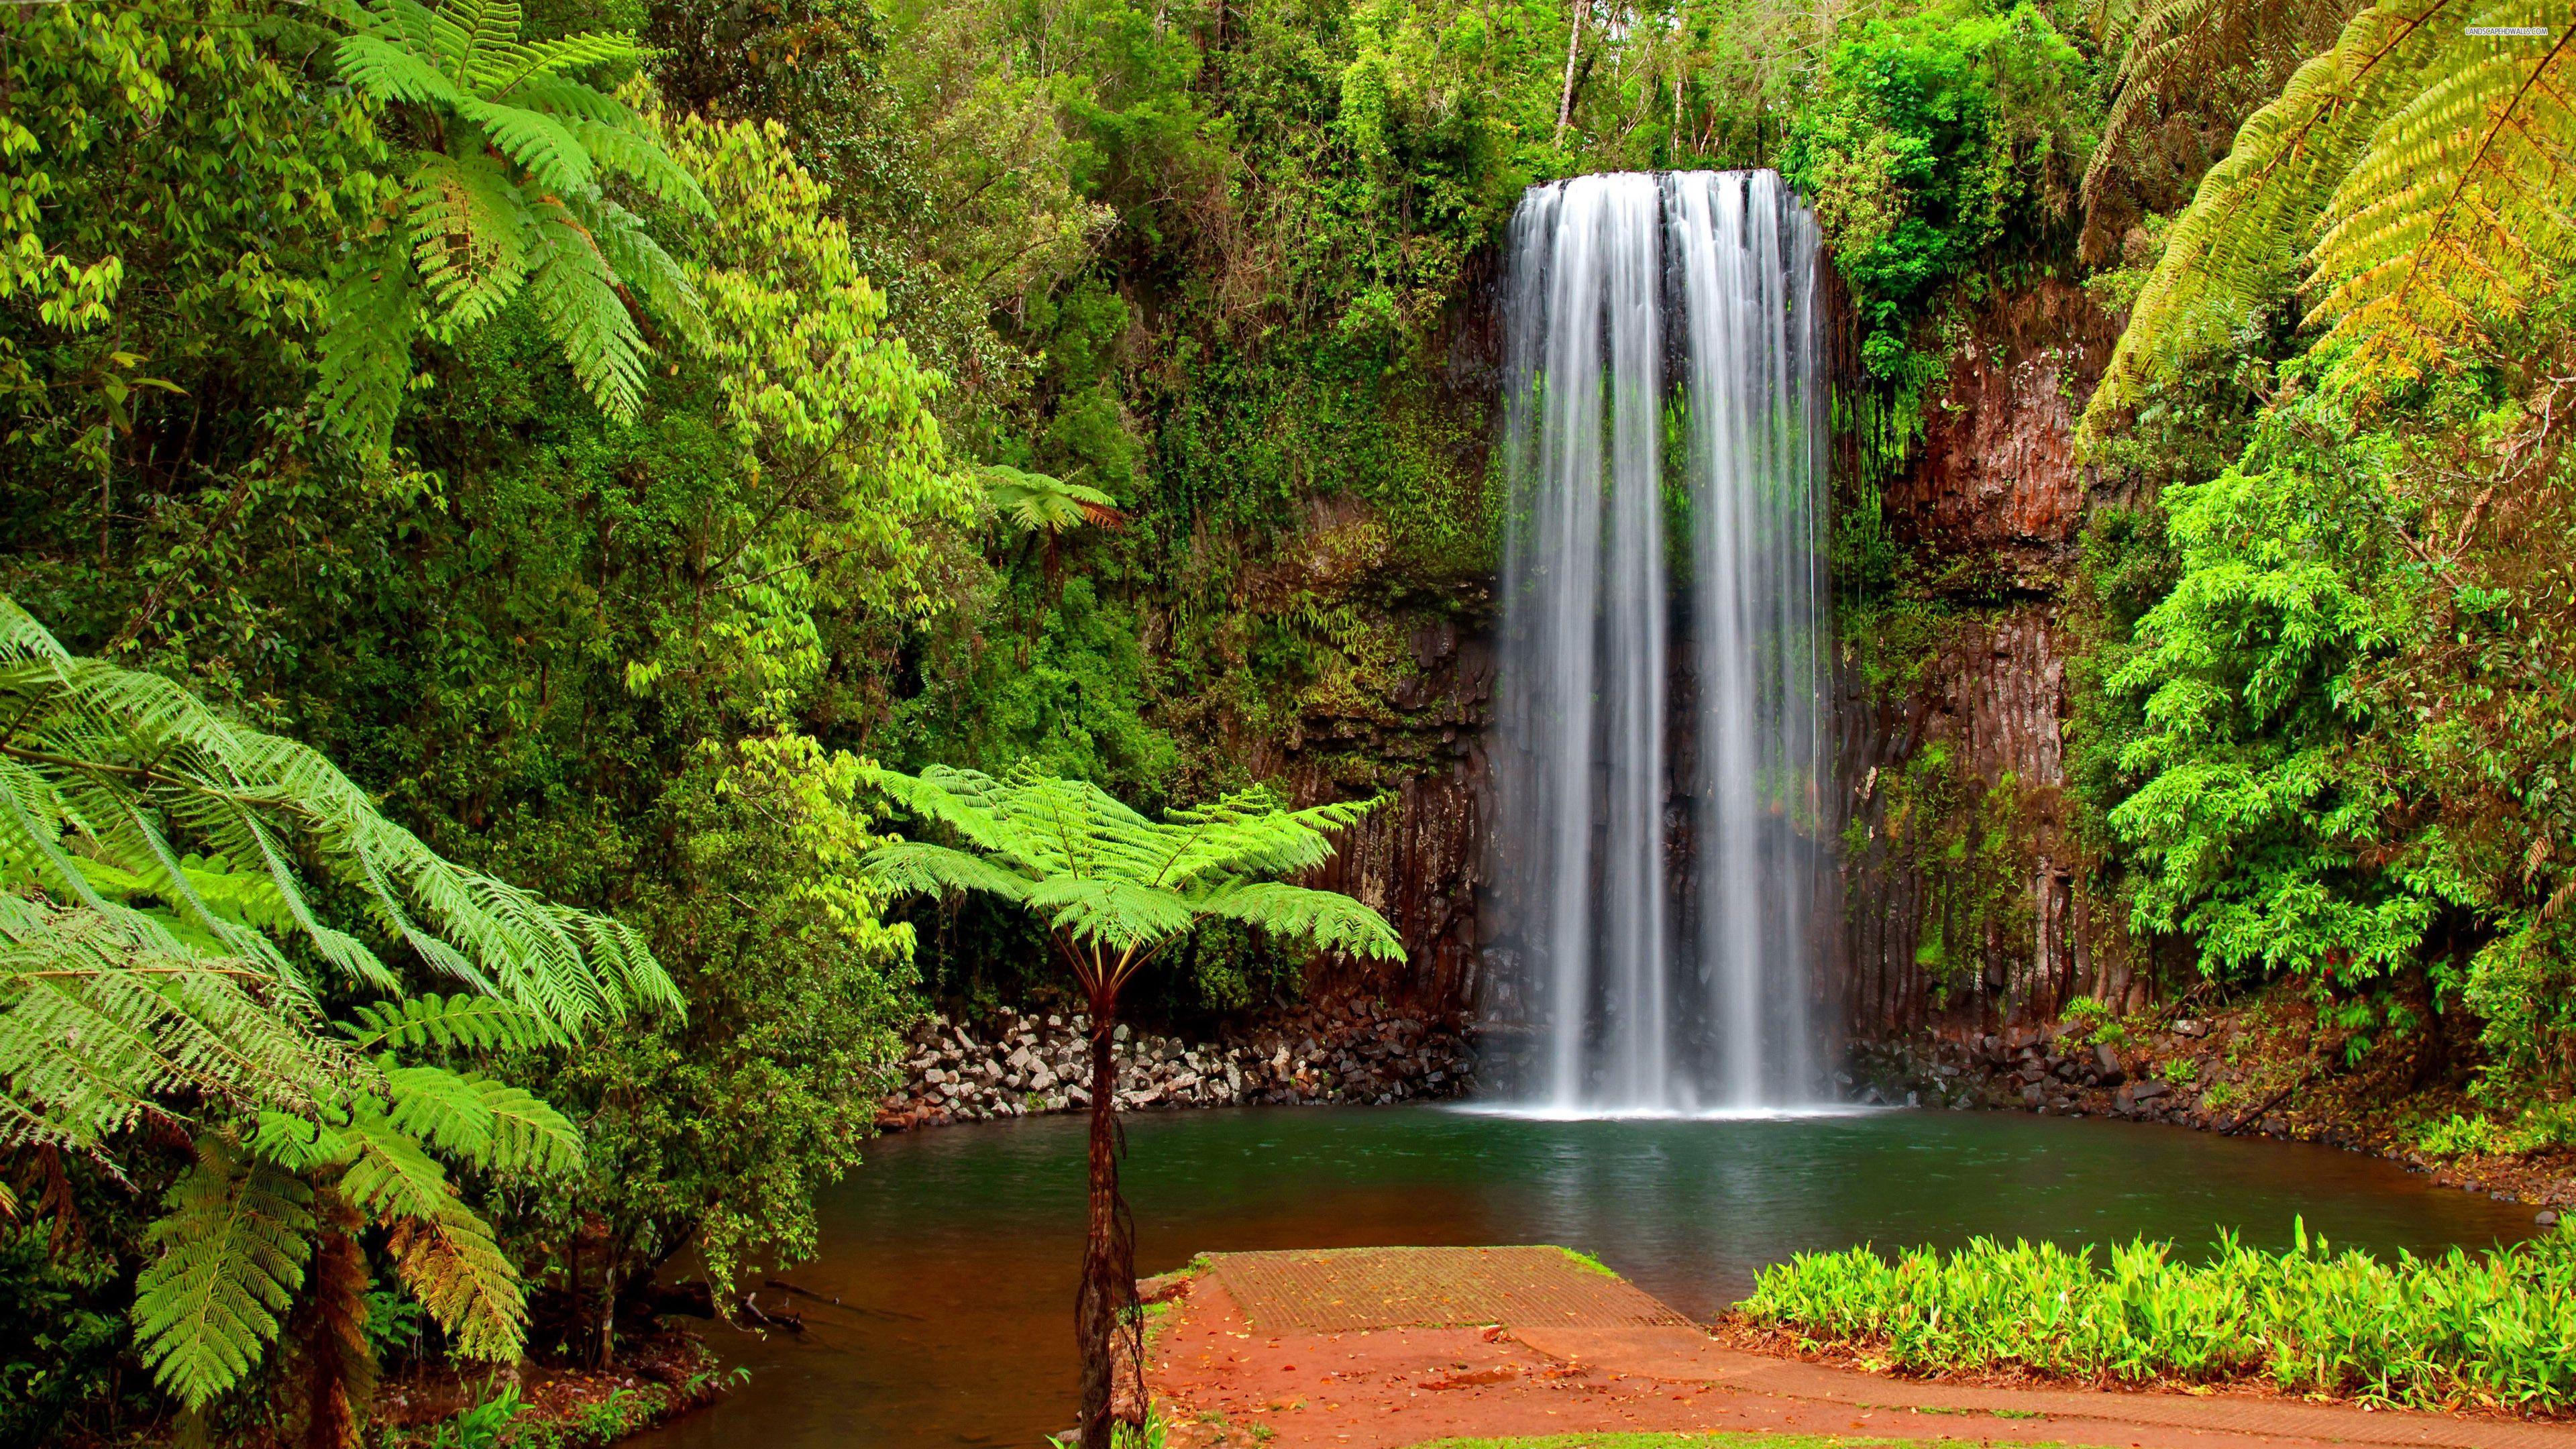 Hidden Waterfall Wallpaper 938 Wide Screen Wallpaper